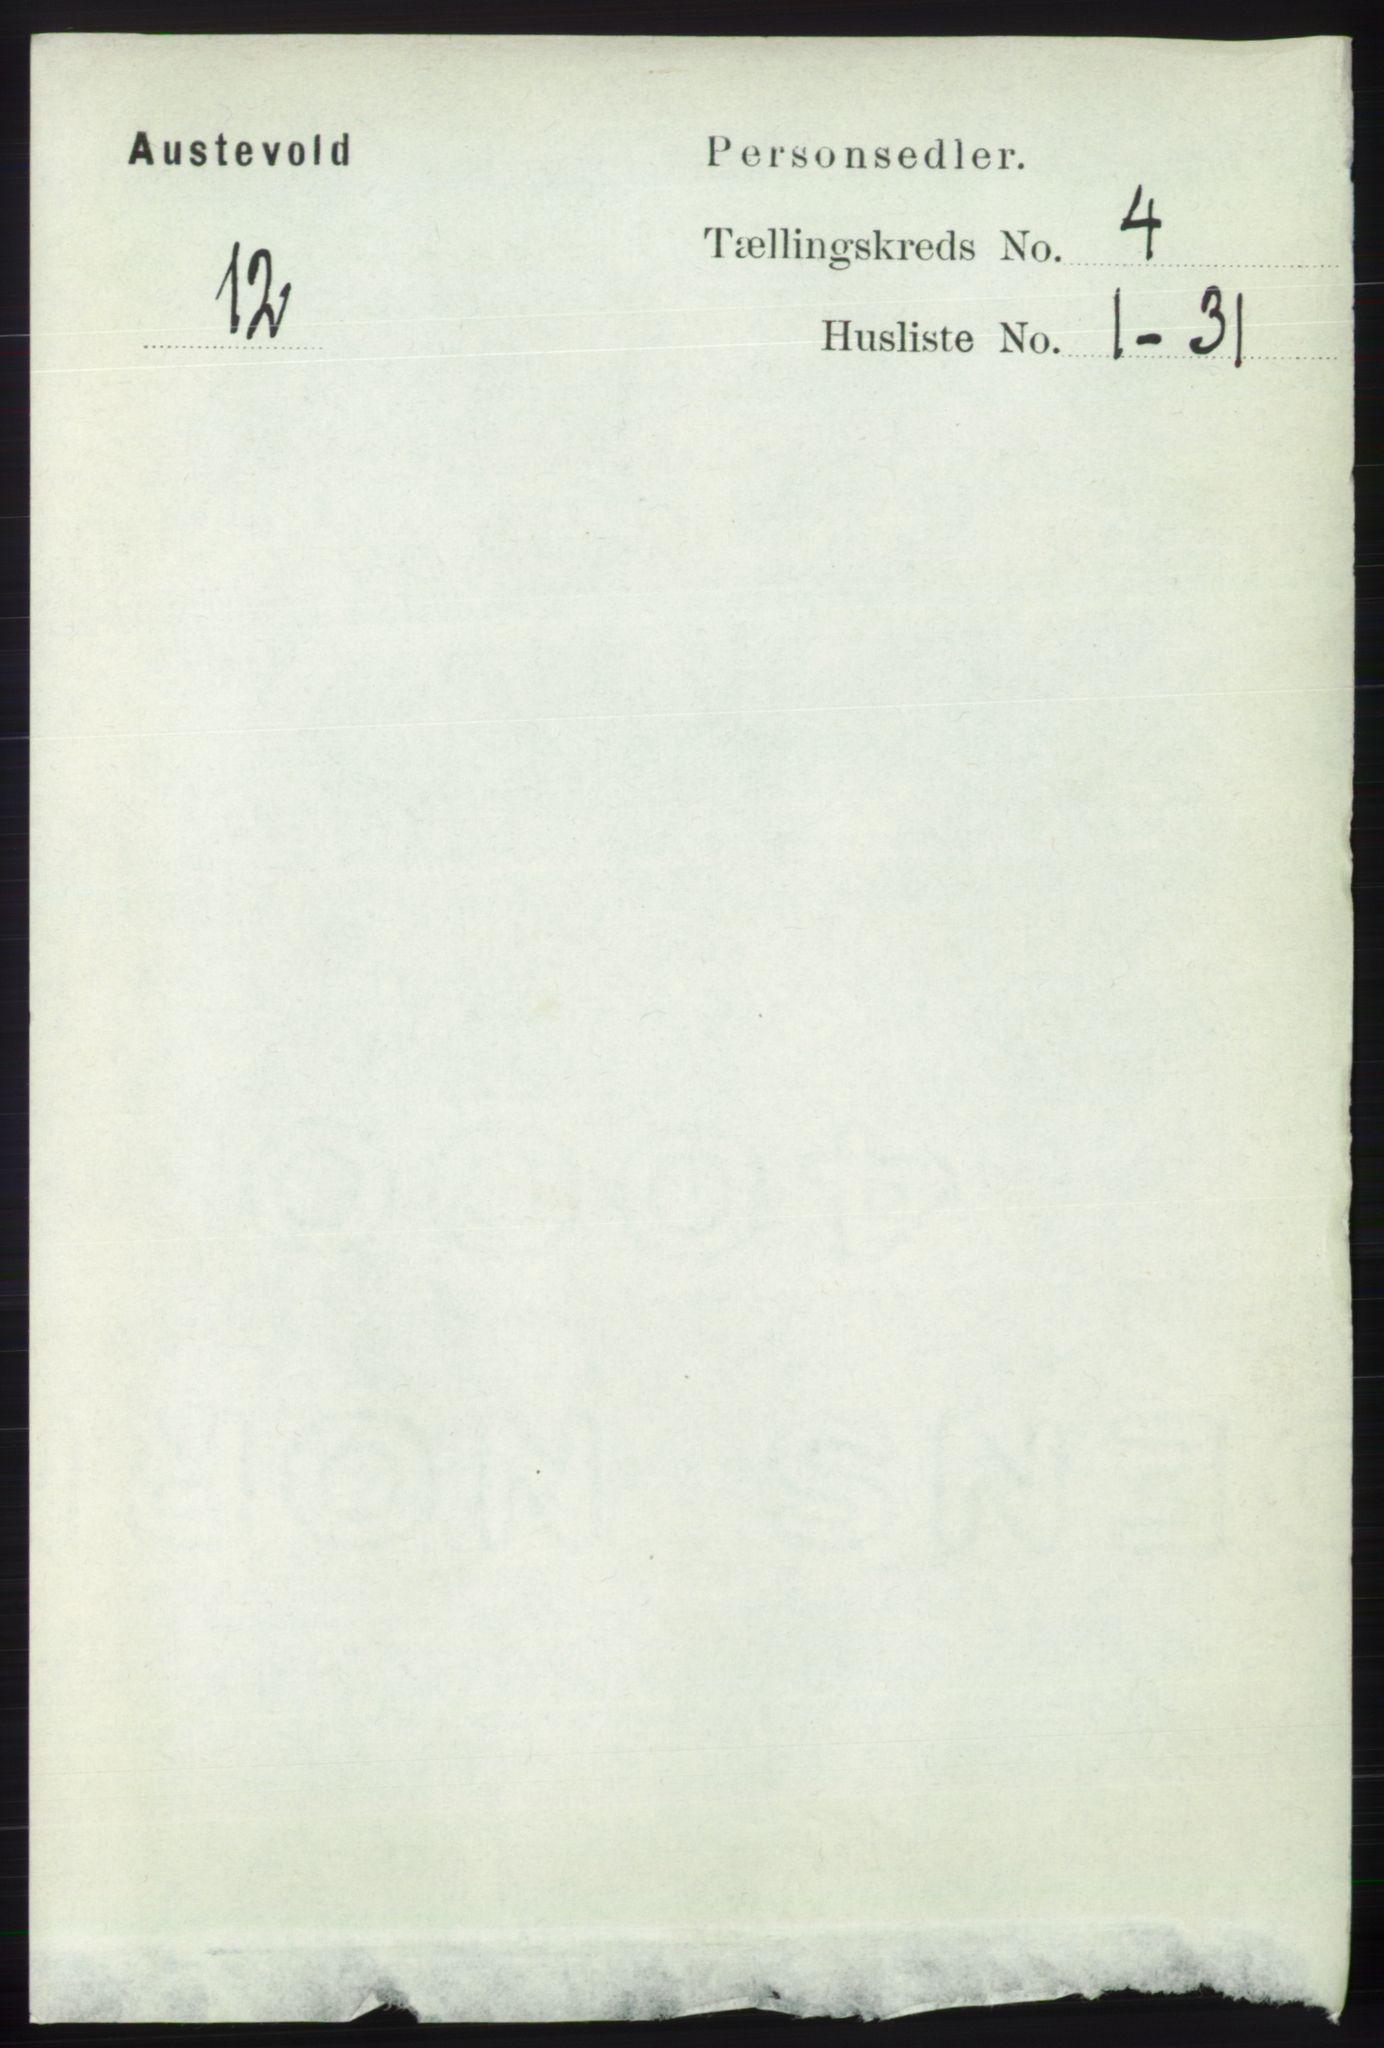 RA, Folketelling 1891 for 1244 Austevoll herred, 1891, s. 1413